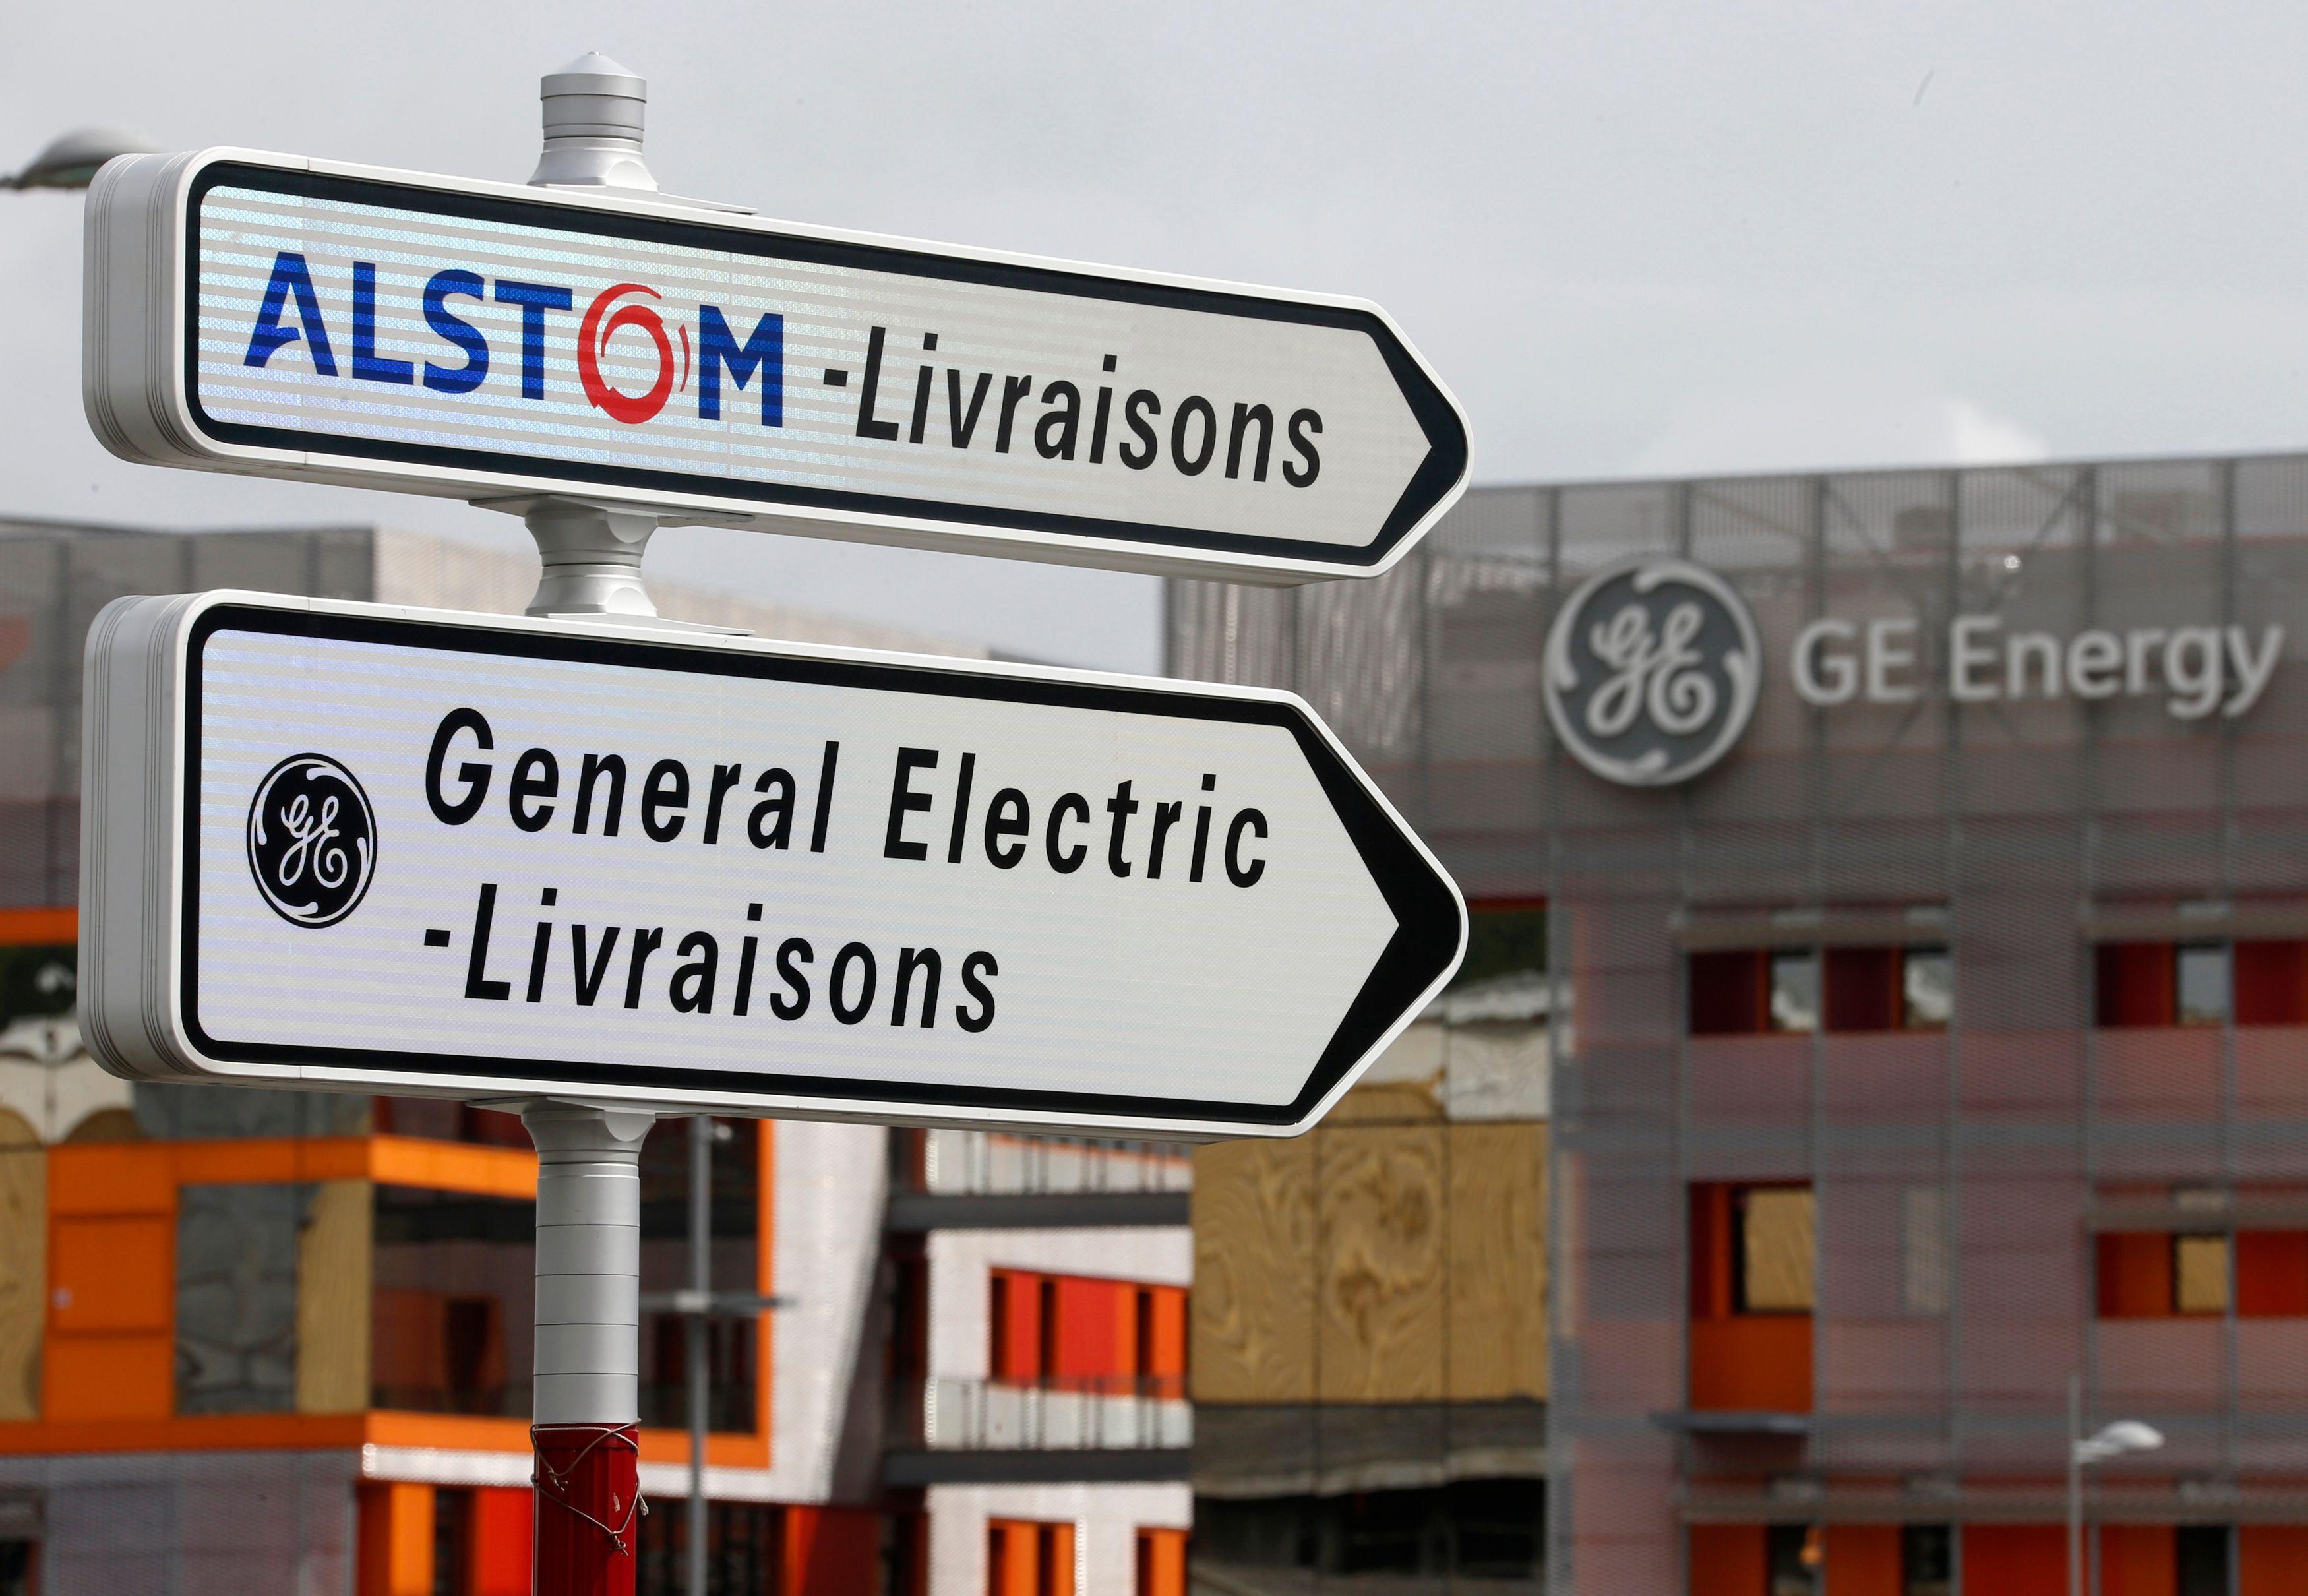 Alstom : General Electric se donne trois semaines de plus pour convaincre la France